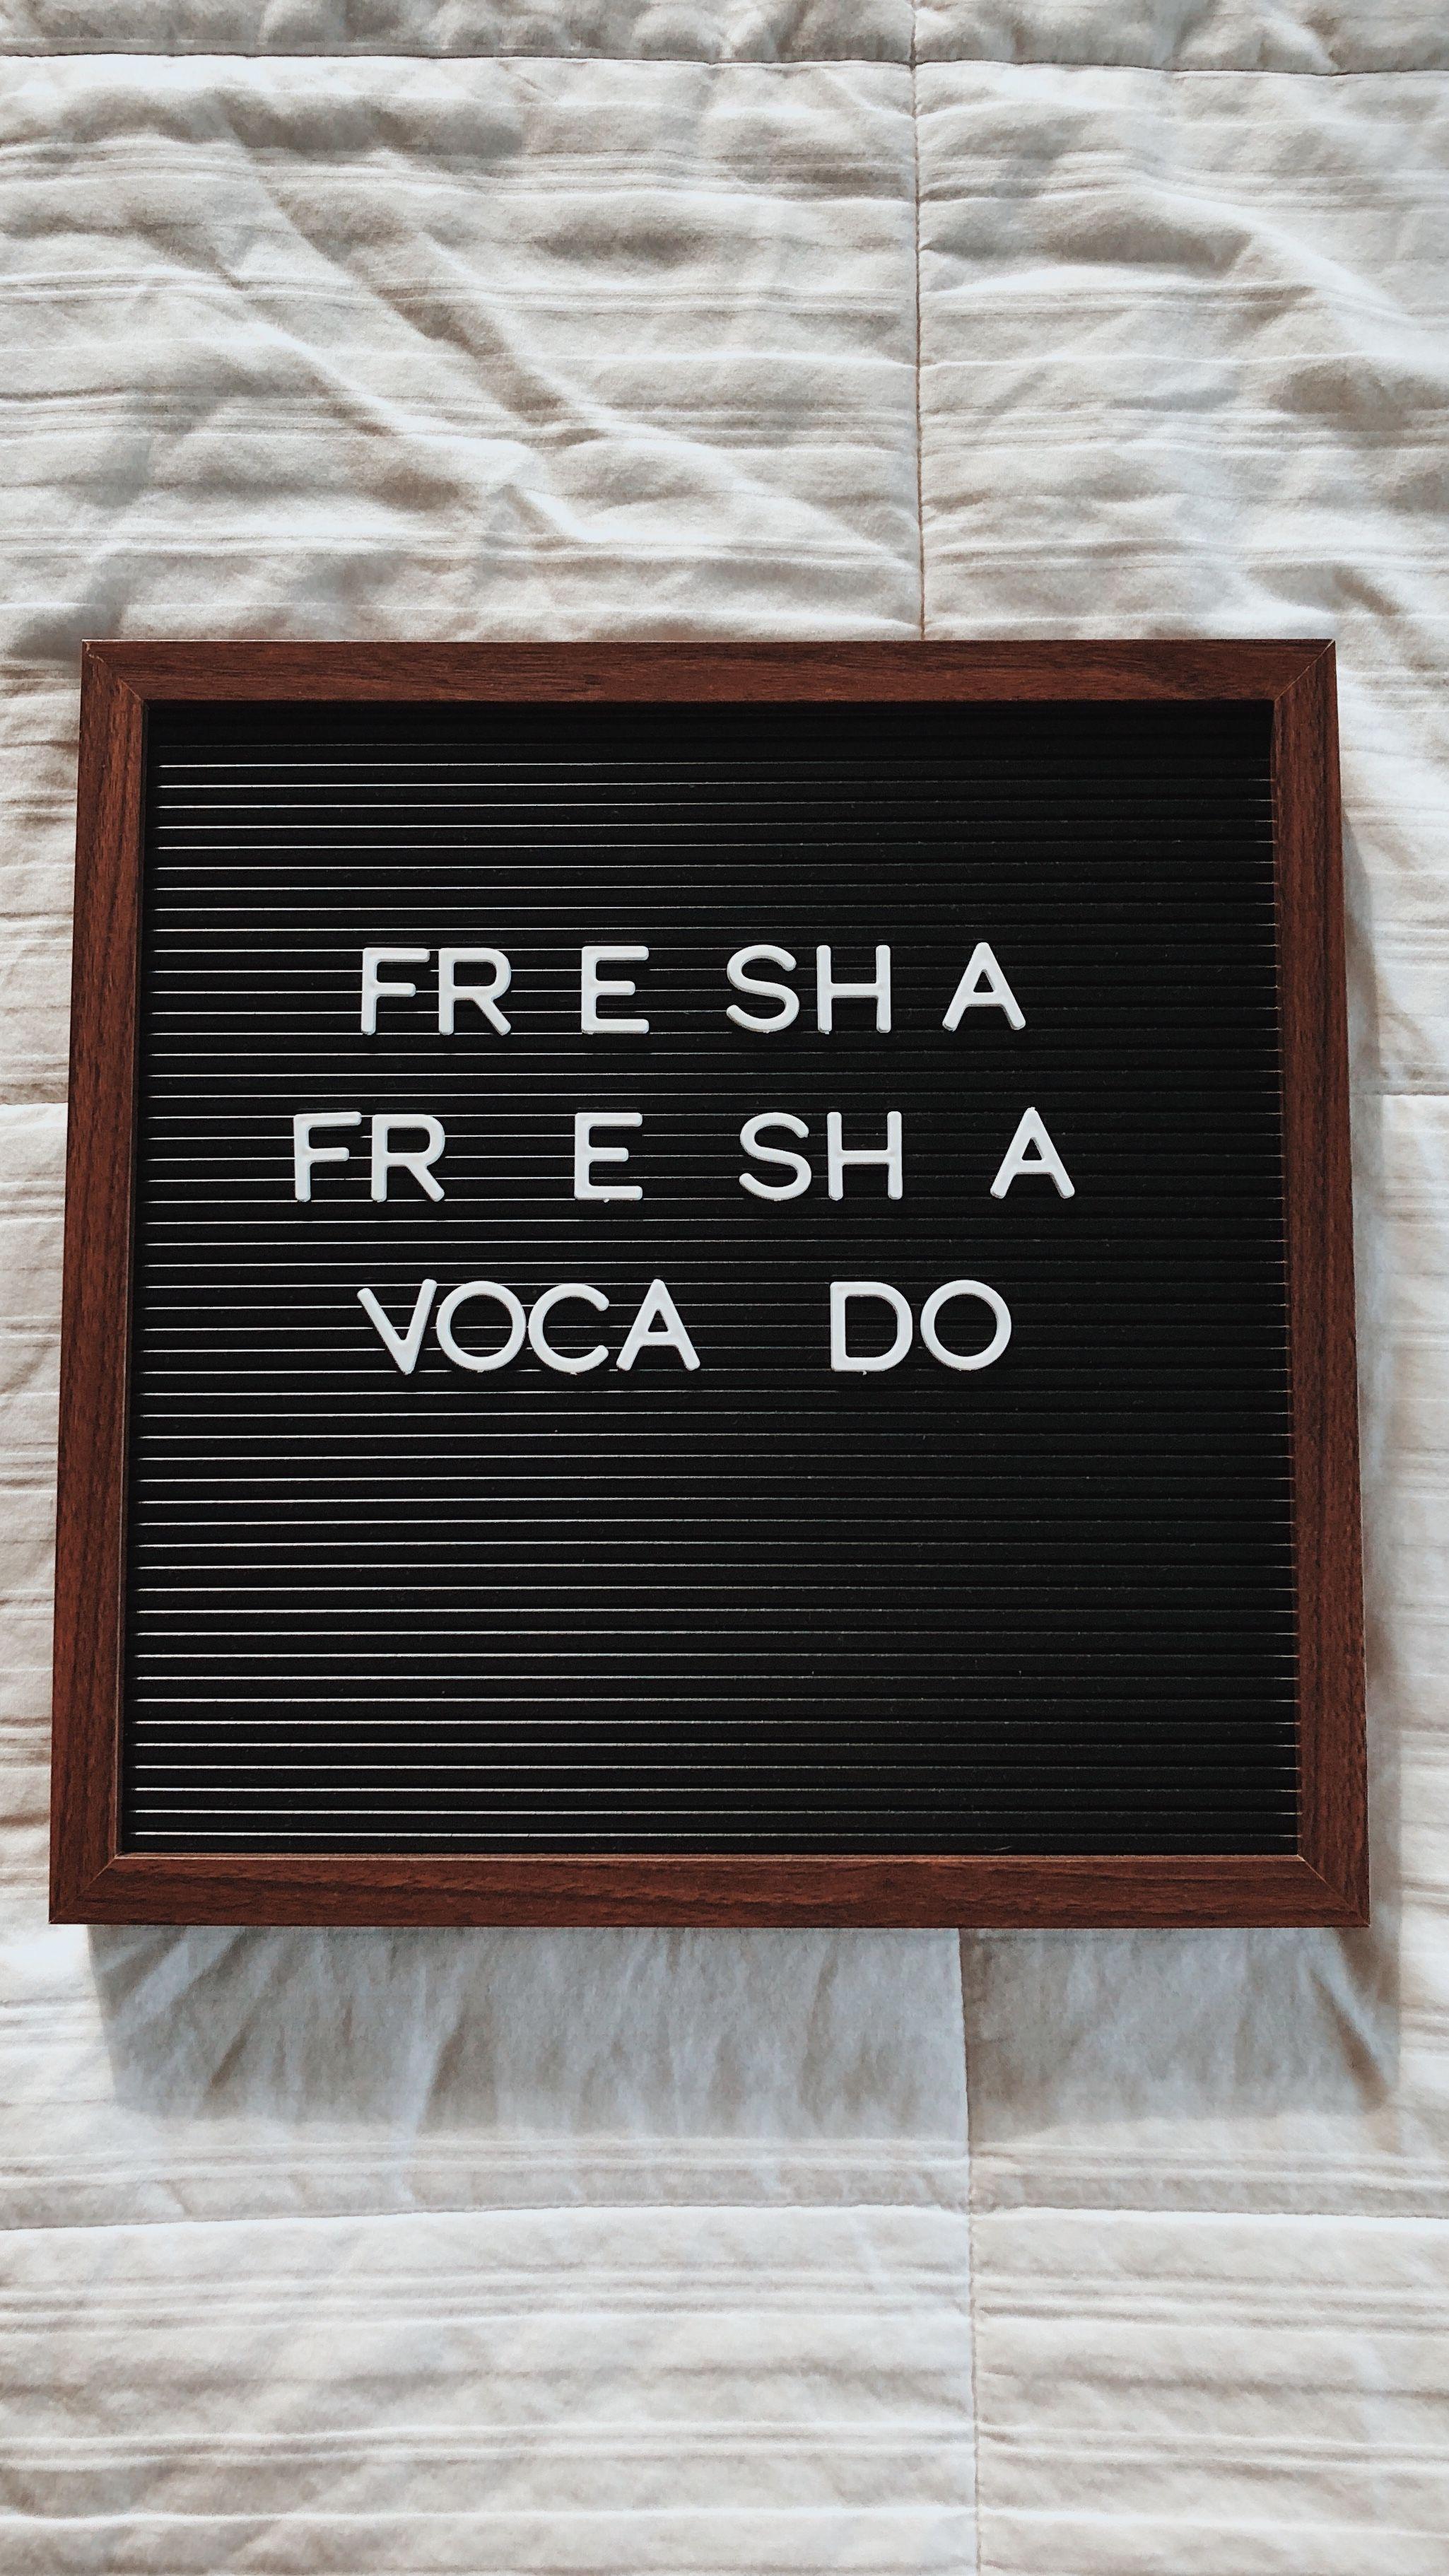 avocado #vine #freshavocado #letterboard #quote #funny #flatlay ...